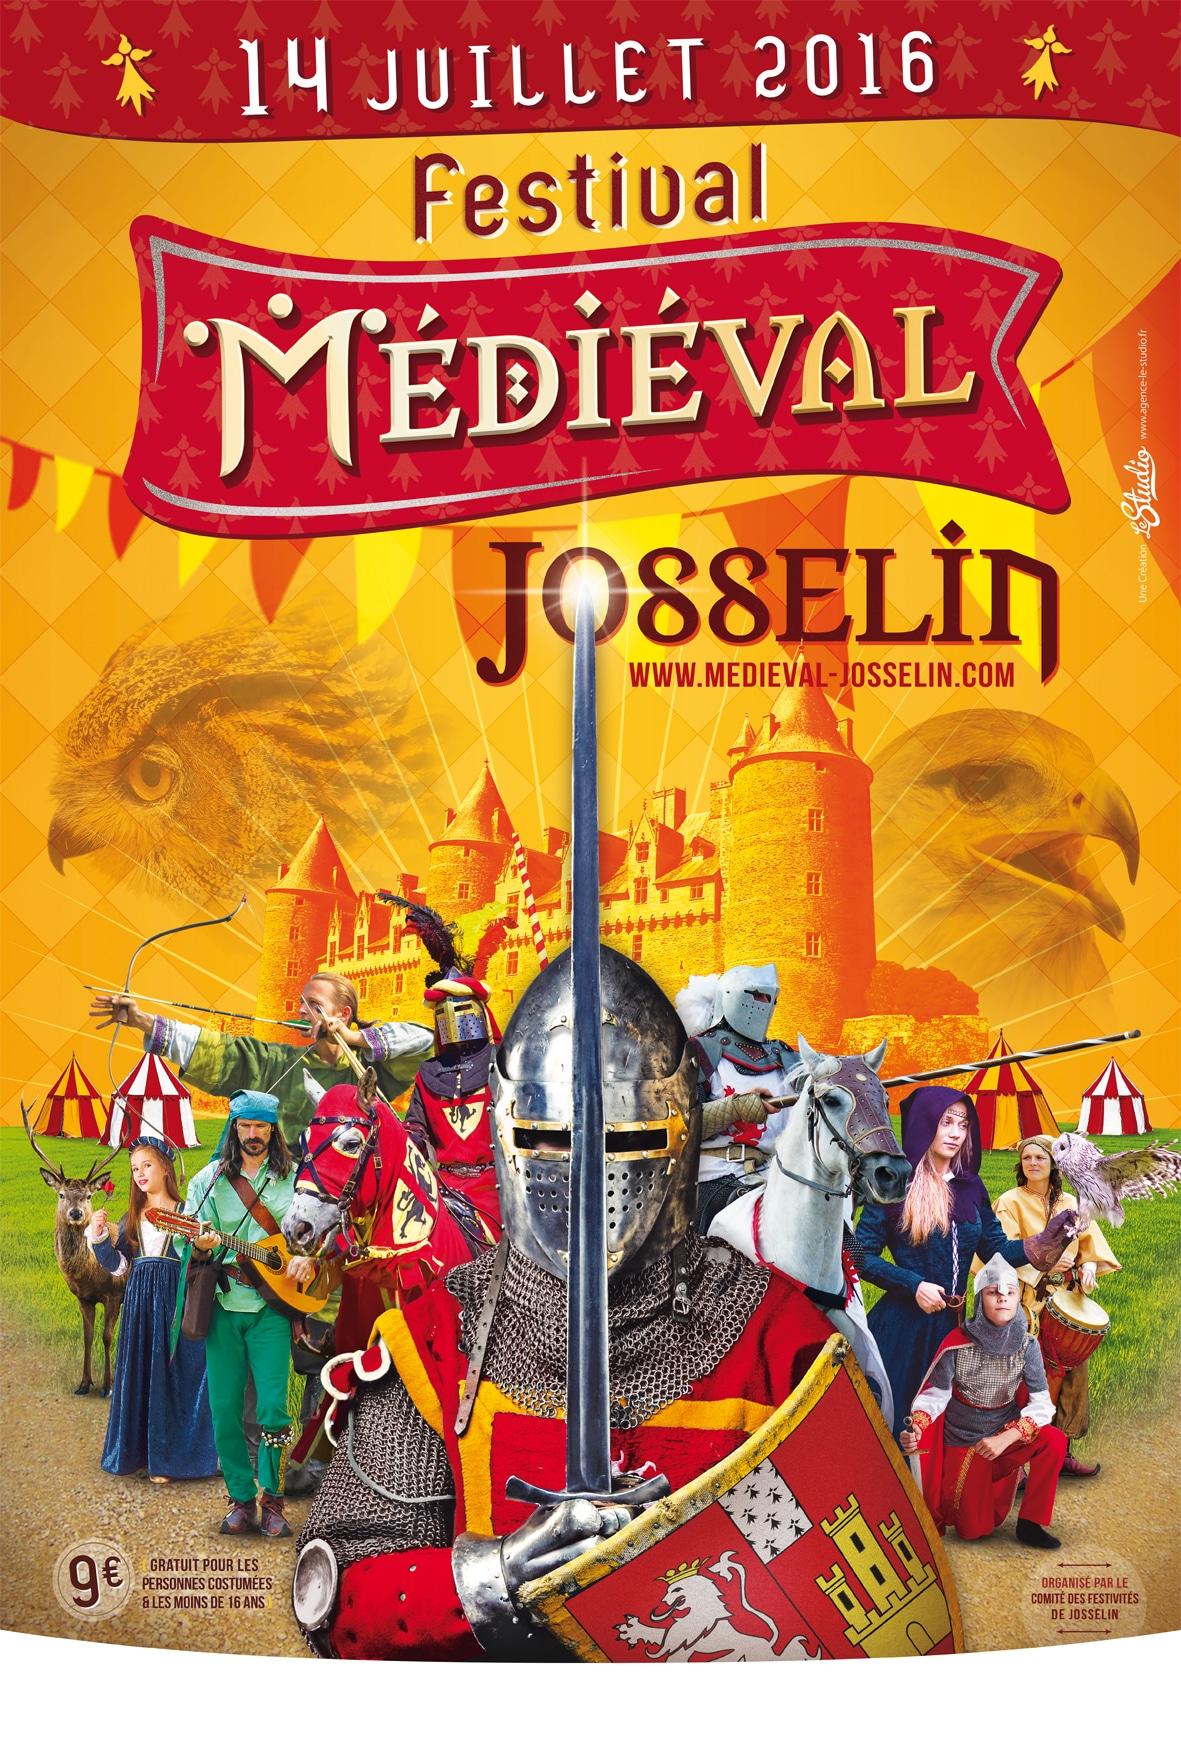 josselin_festival